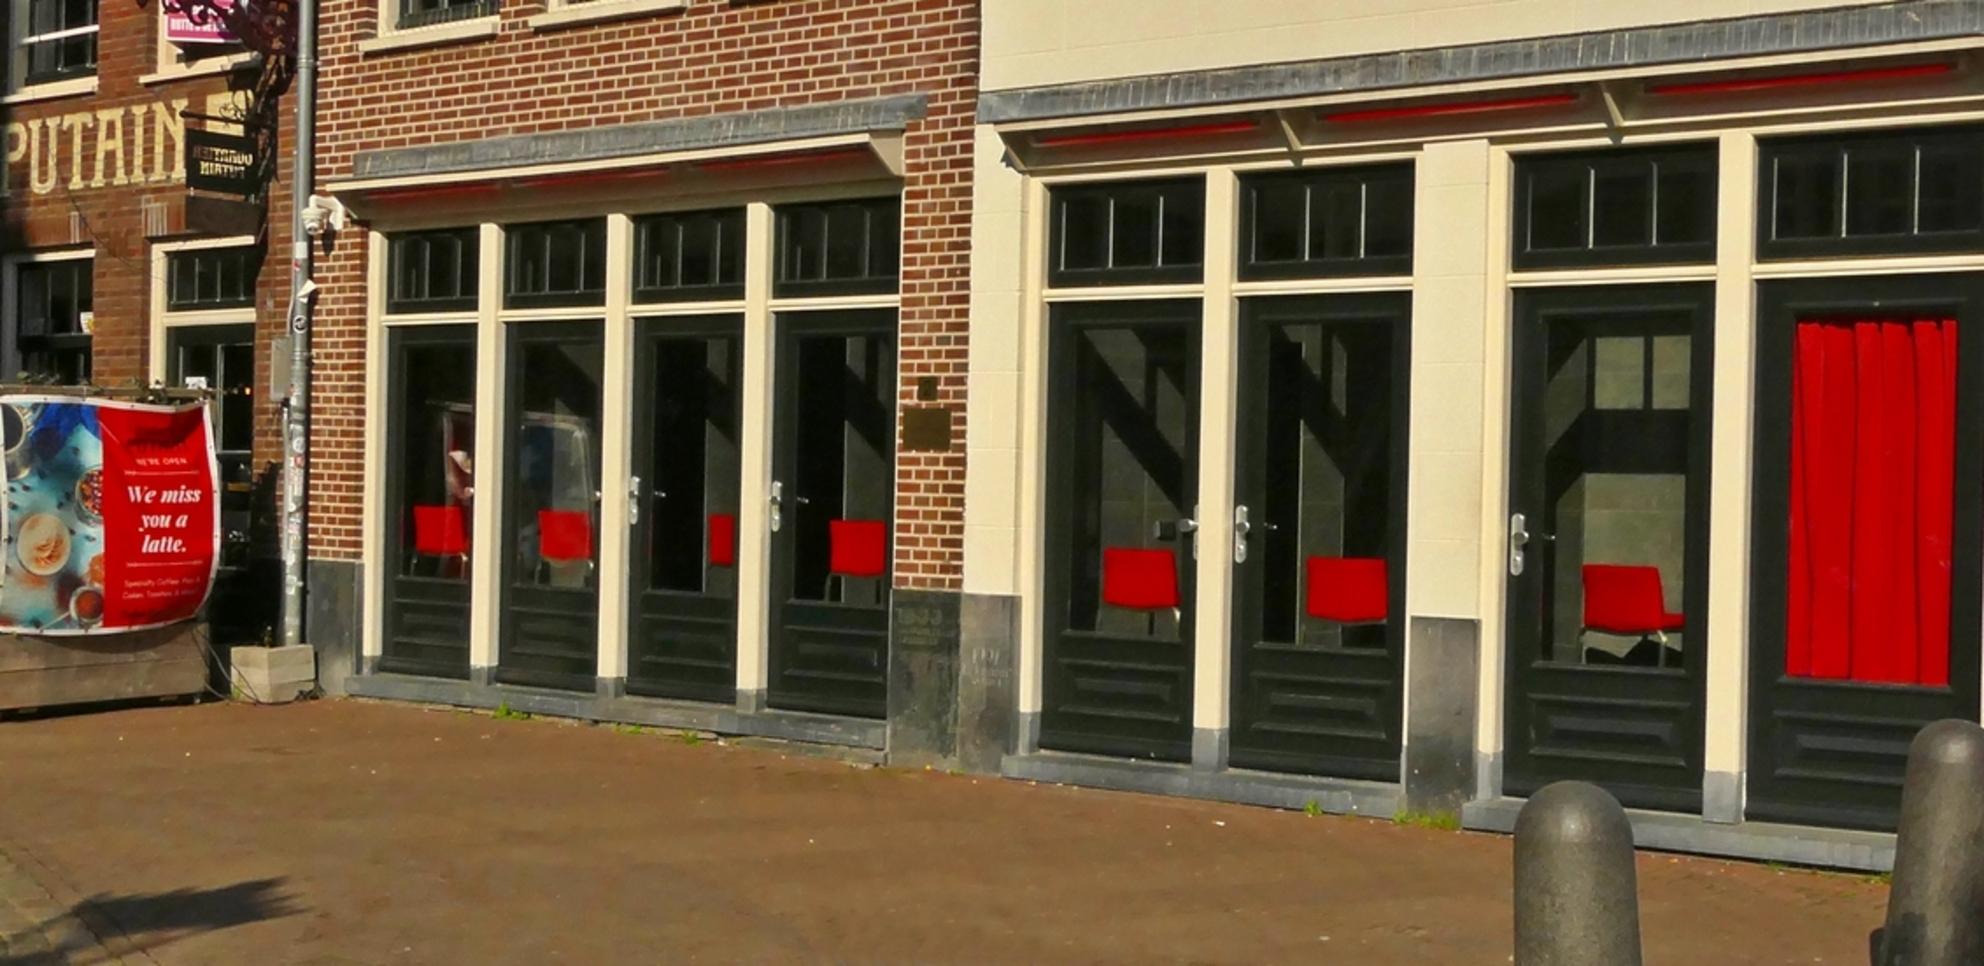 Stilte achter de ramen.... - - - foto door MaryBruijn op 03-03-2021 - deze foto bevat: oud, amsterdam, kleur, stad, straatfotografie, centrum - Deze foto mag gebruikt worden in een Zoom.nl publicatie